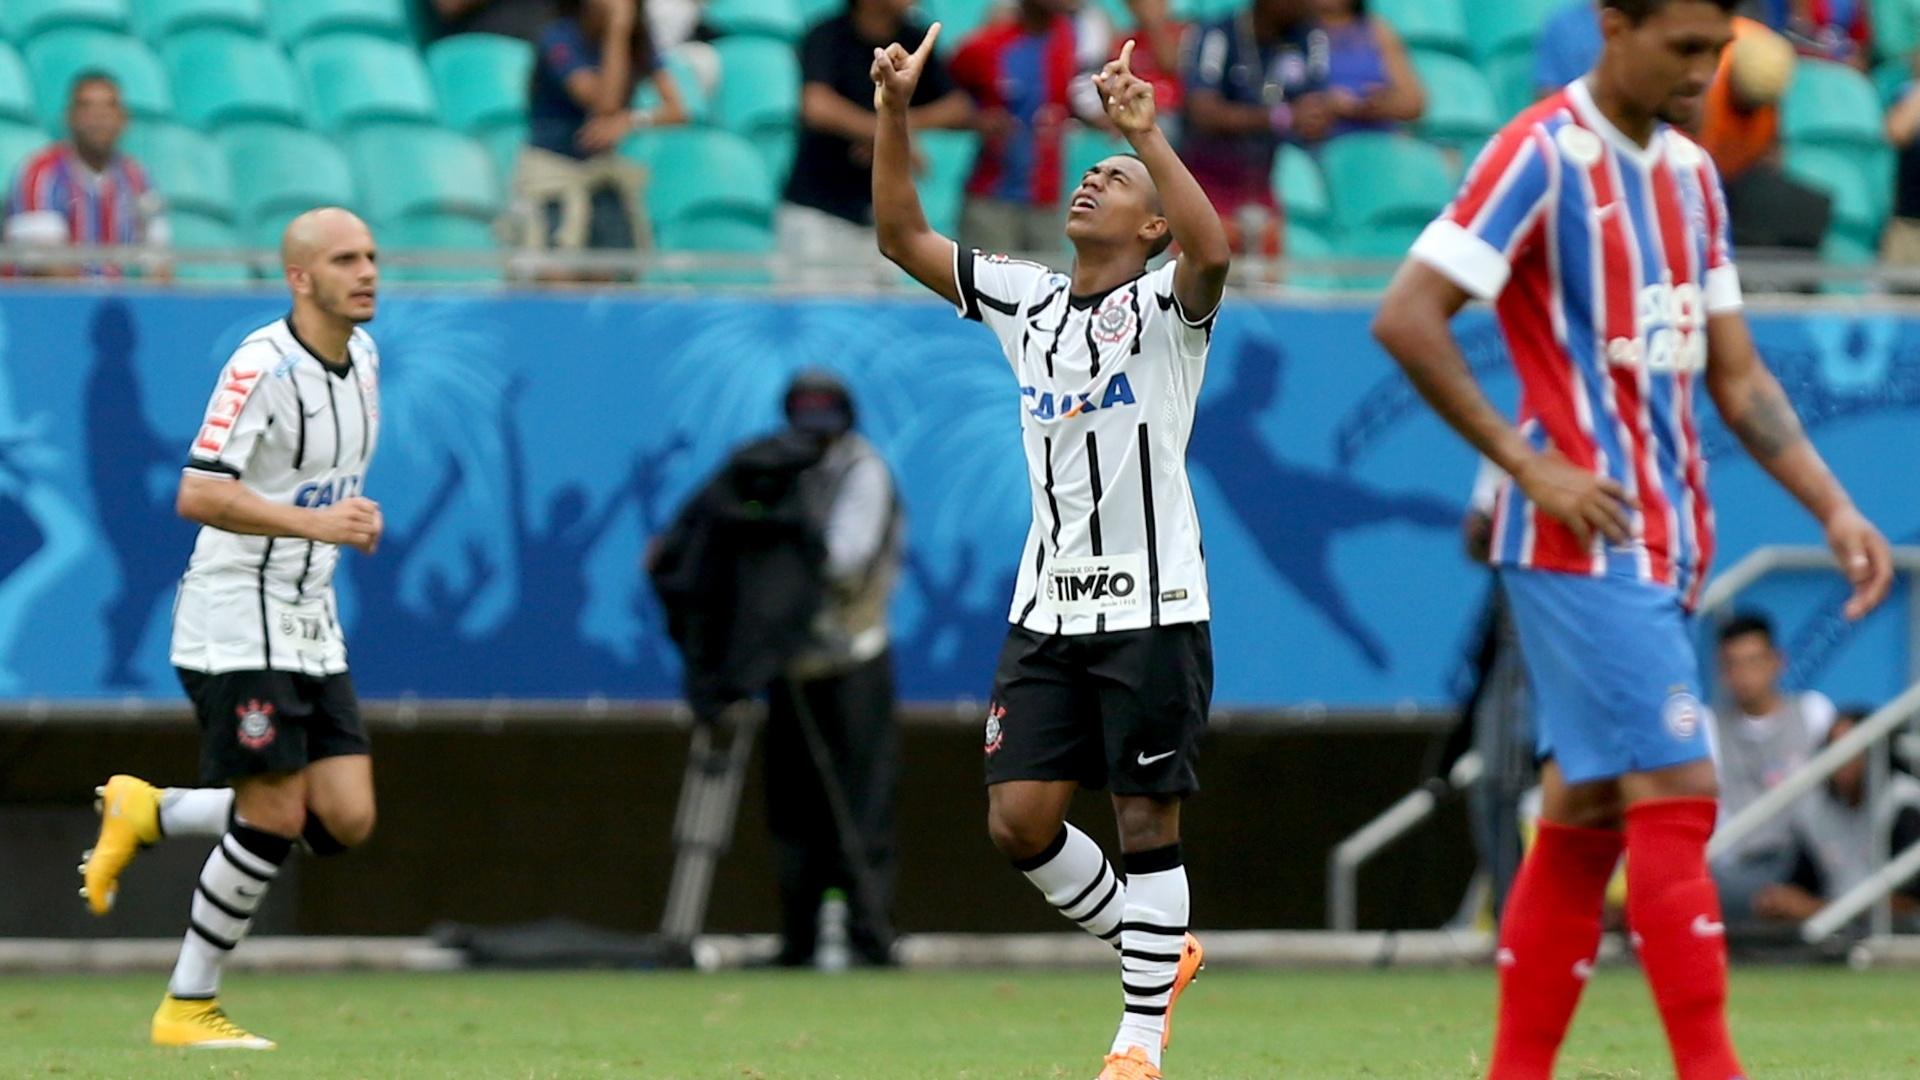 Malcom aponta as mãos aos céus para festejar seu gol contra o Bahia